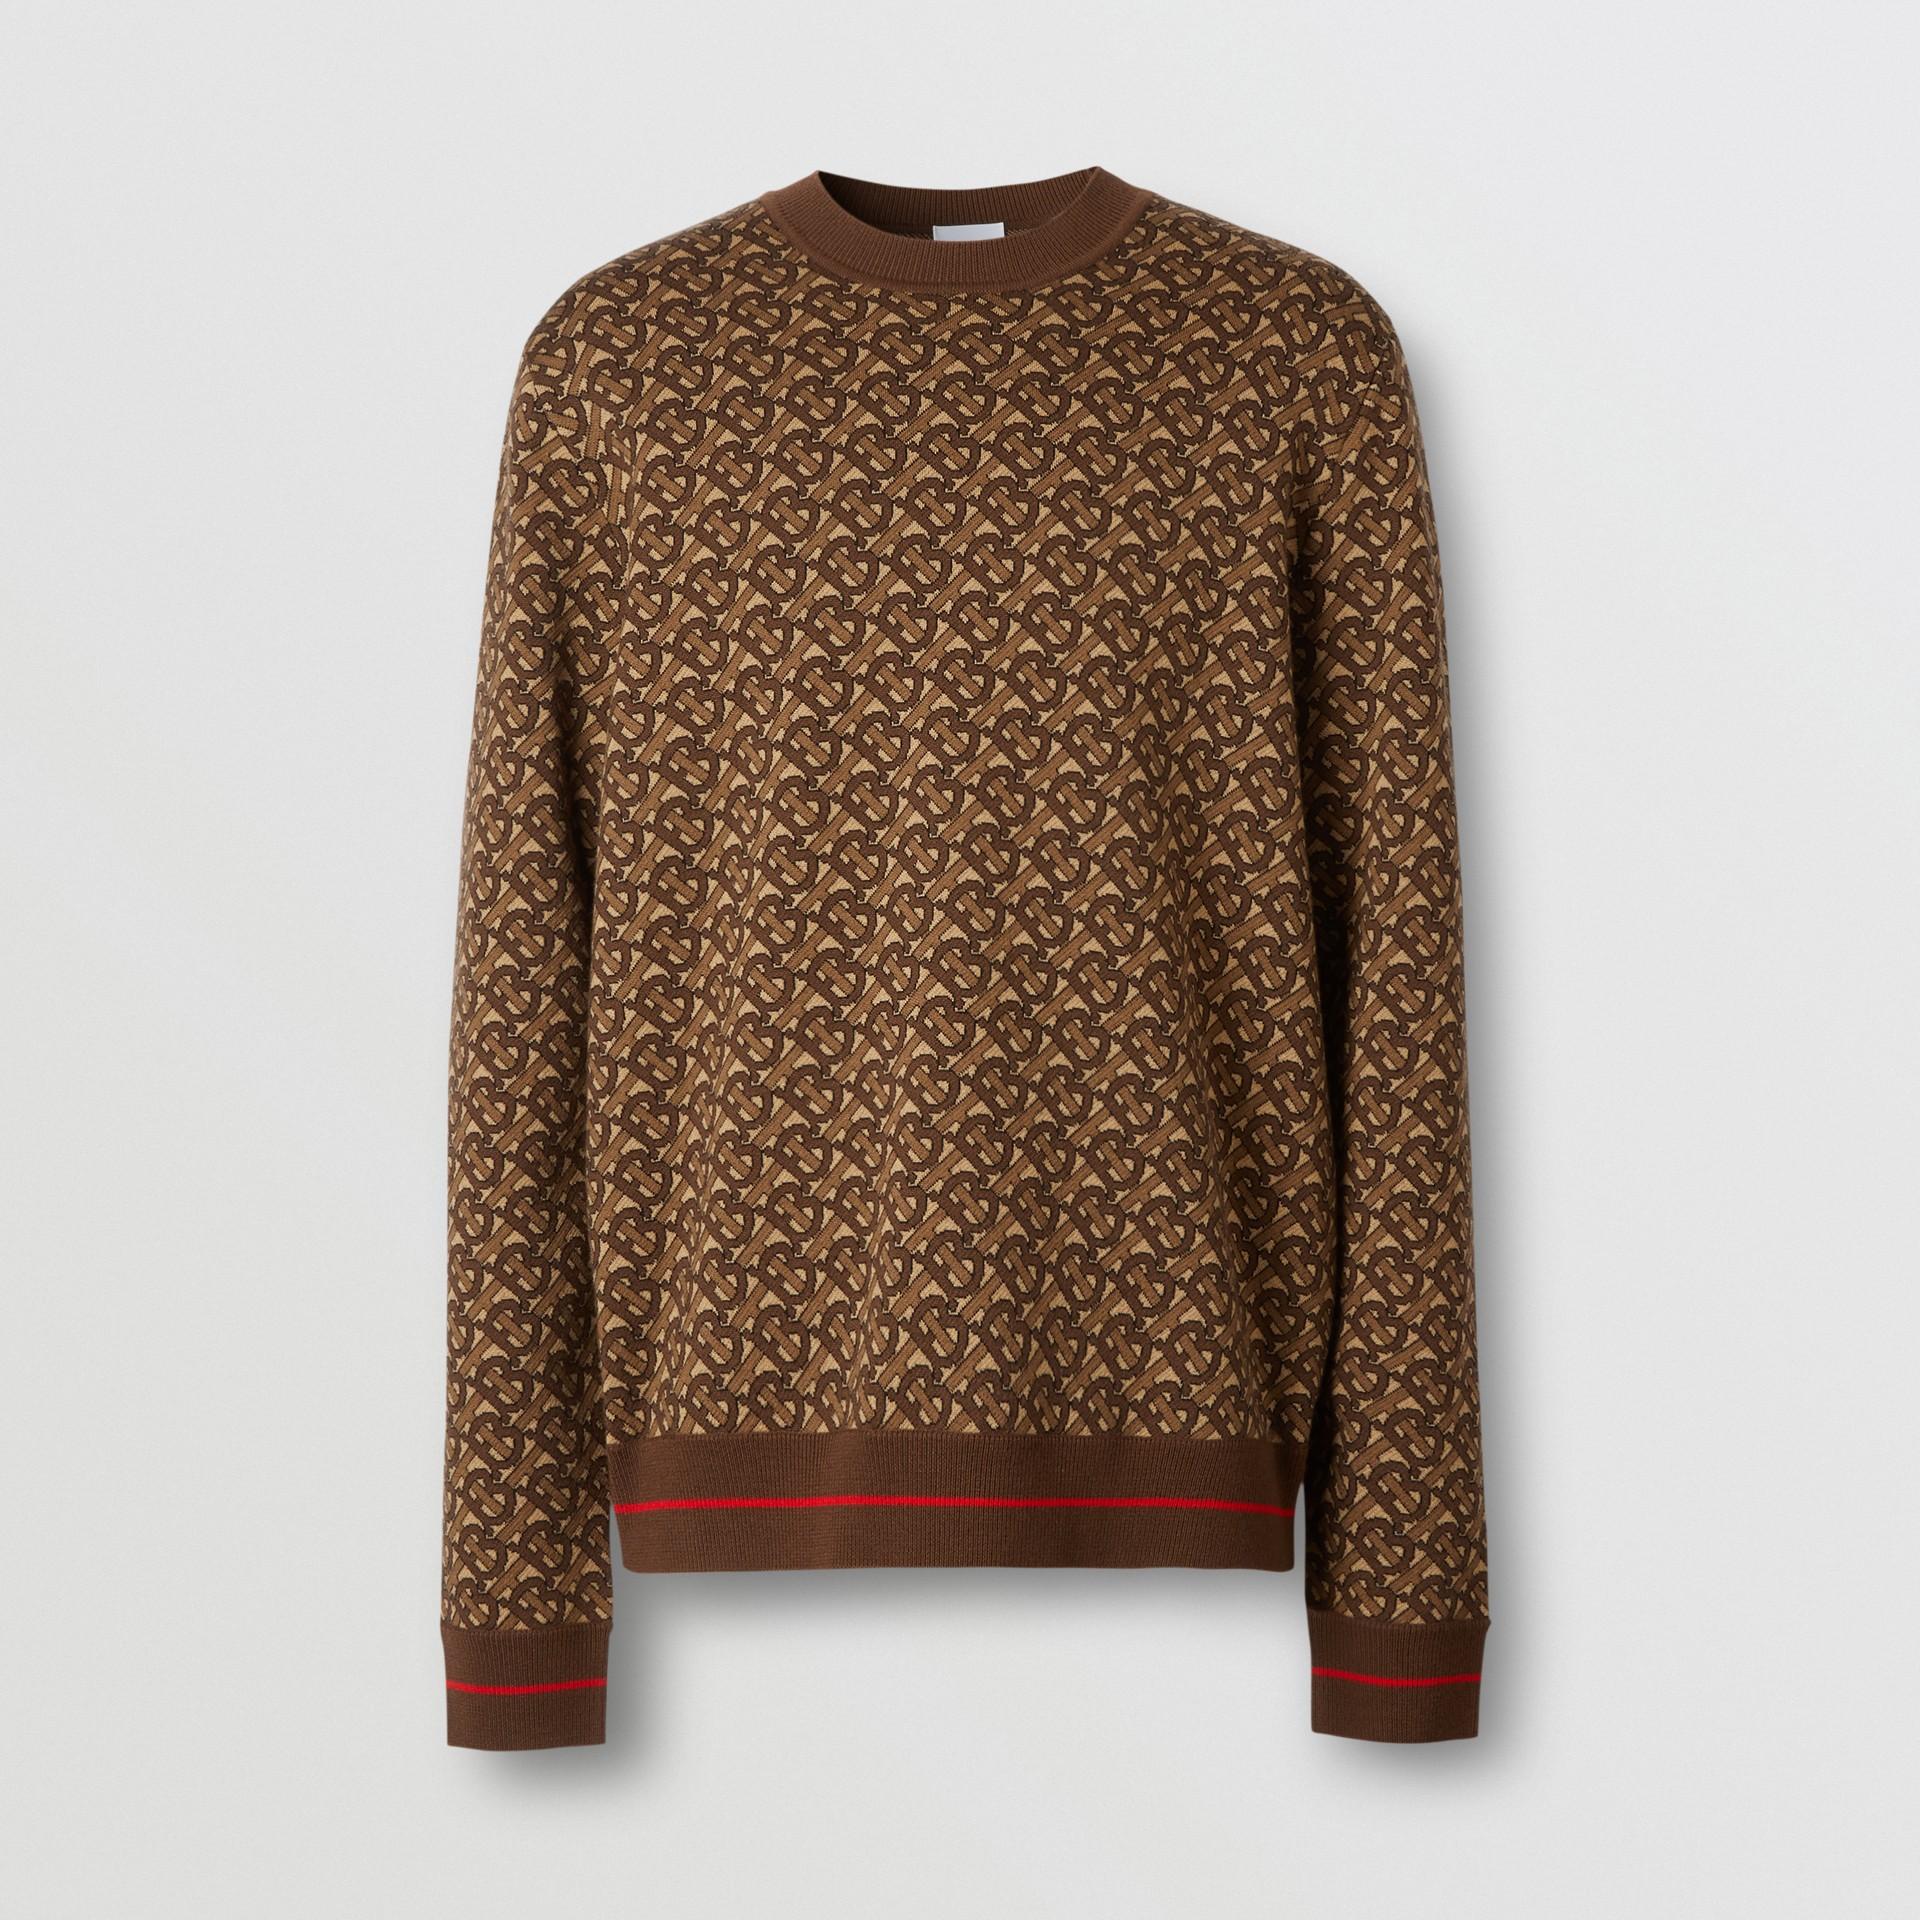 Pull en jacquard de laine mérinos Monogram (Brun Bride) - Homme | Burberry Canada - photo de la galerie 3